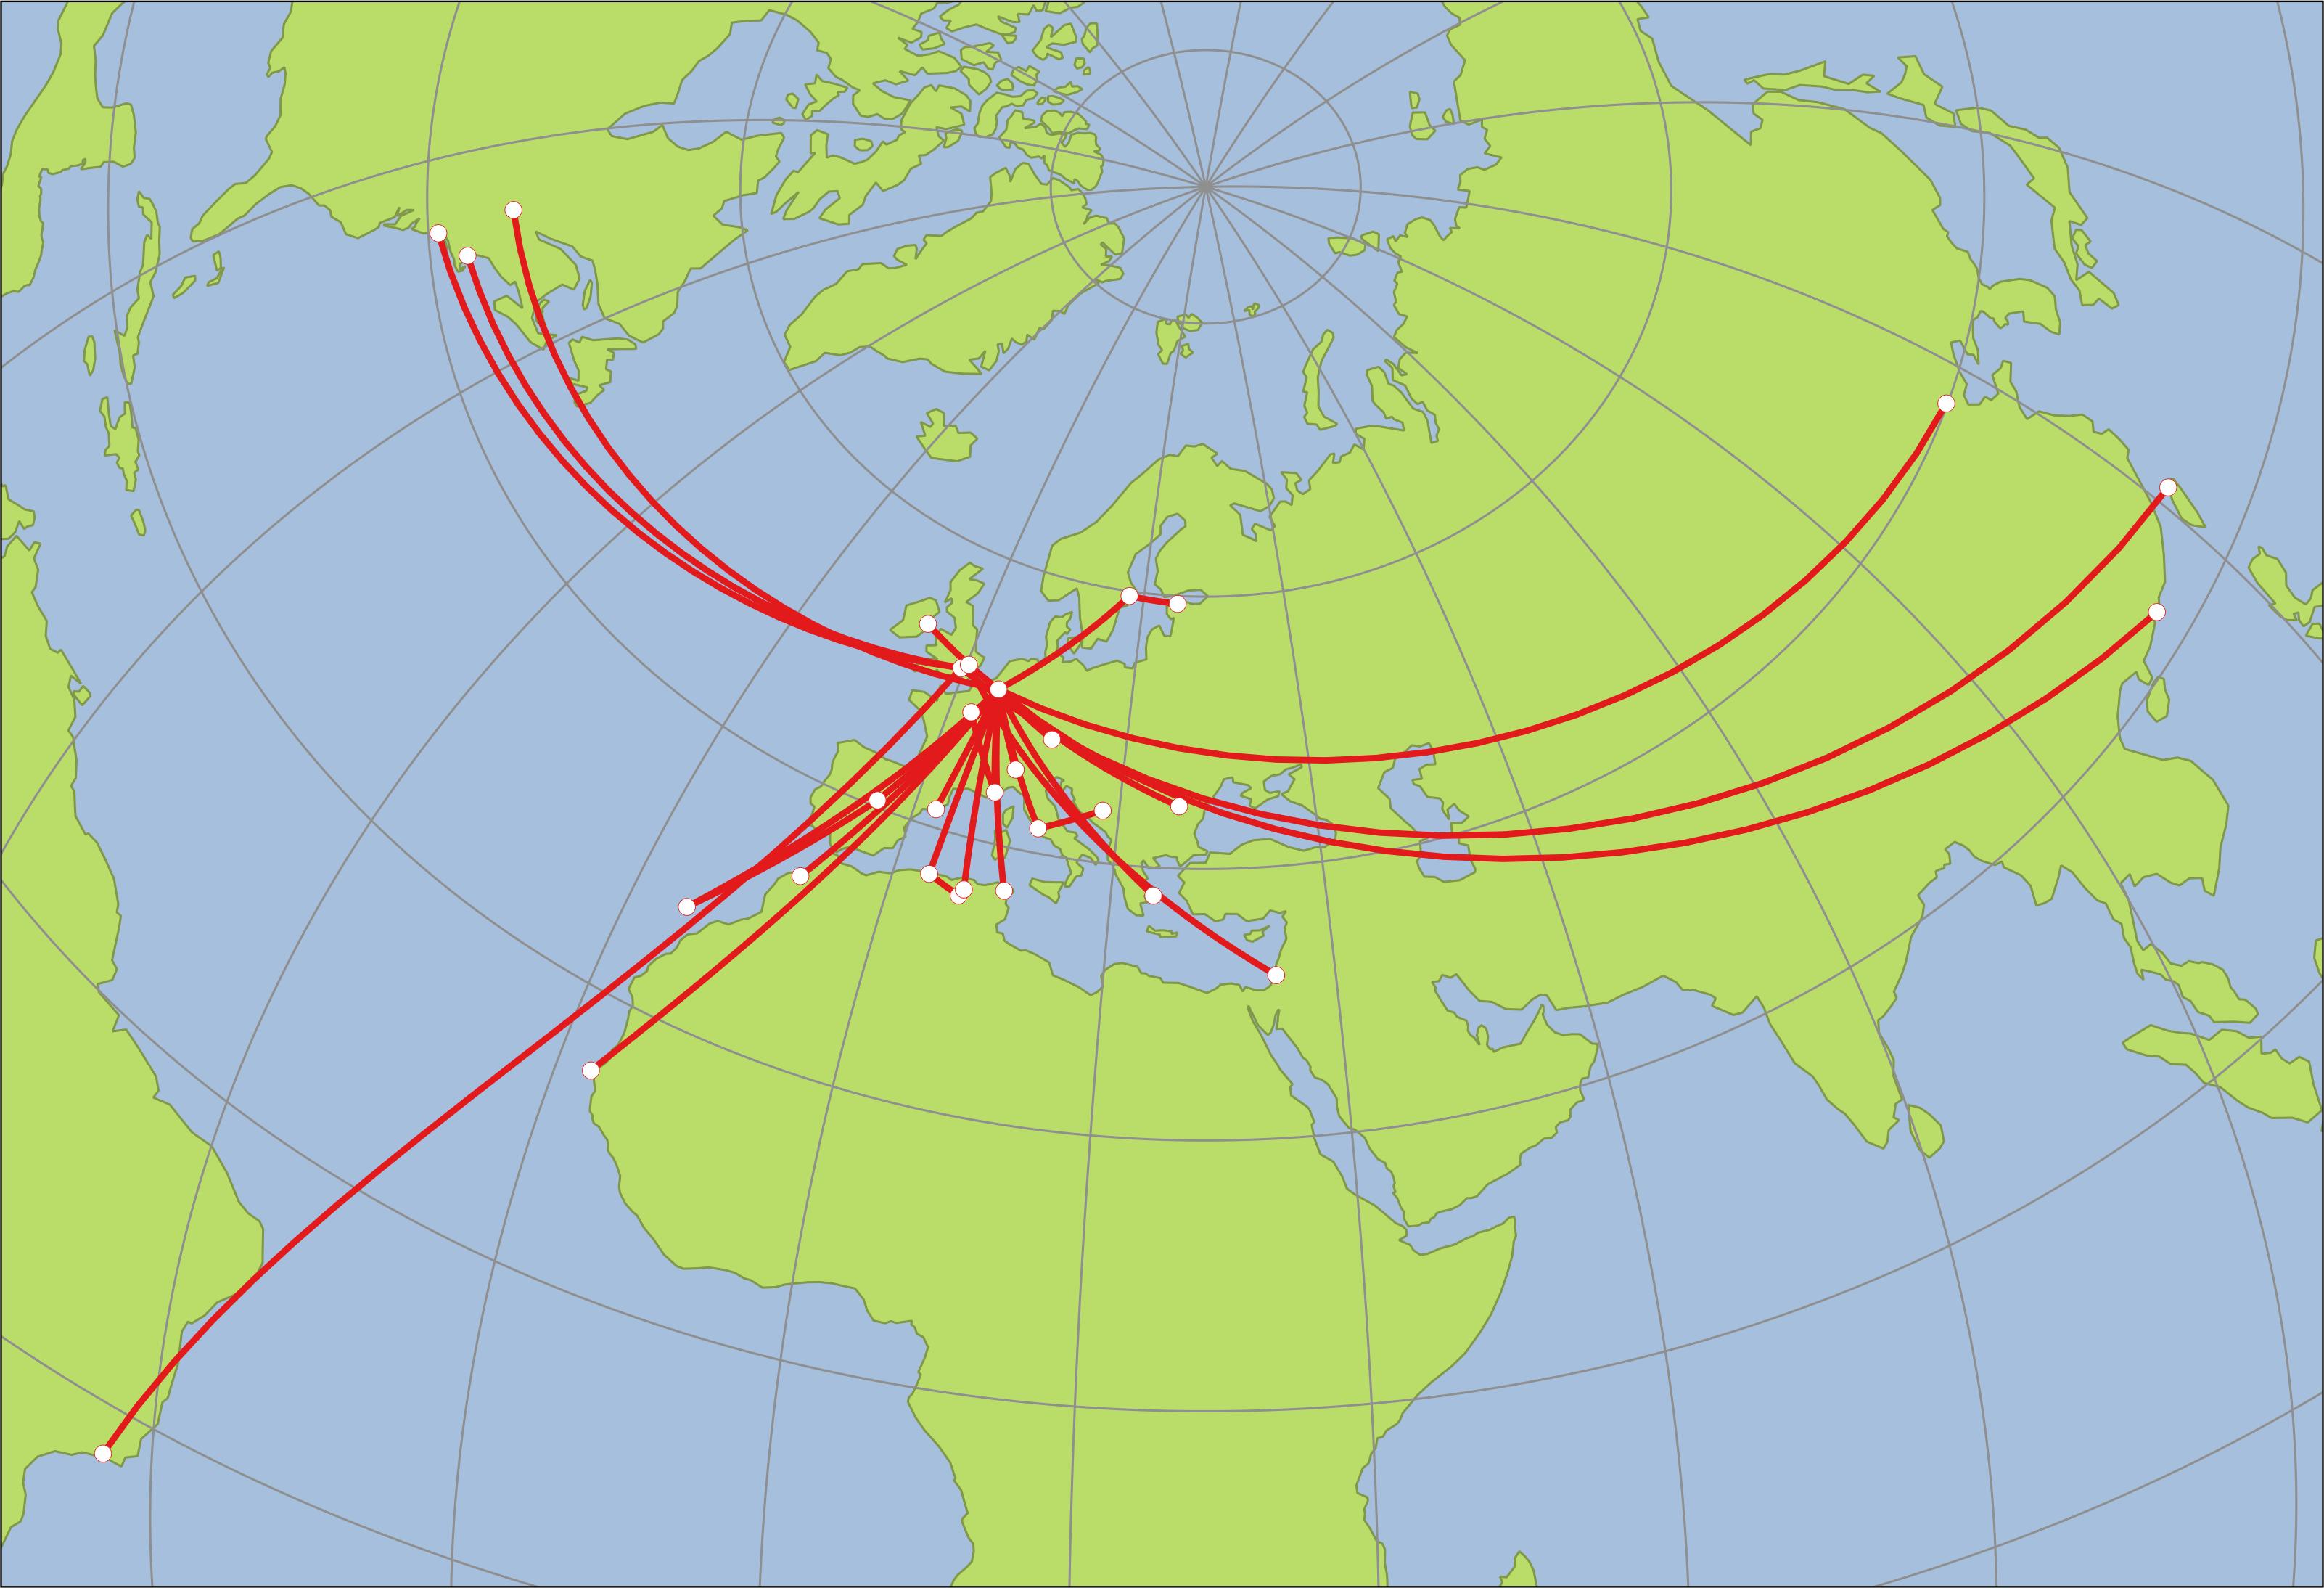 Carte voyages en avion d'un chercheur